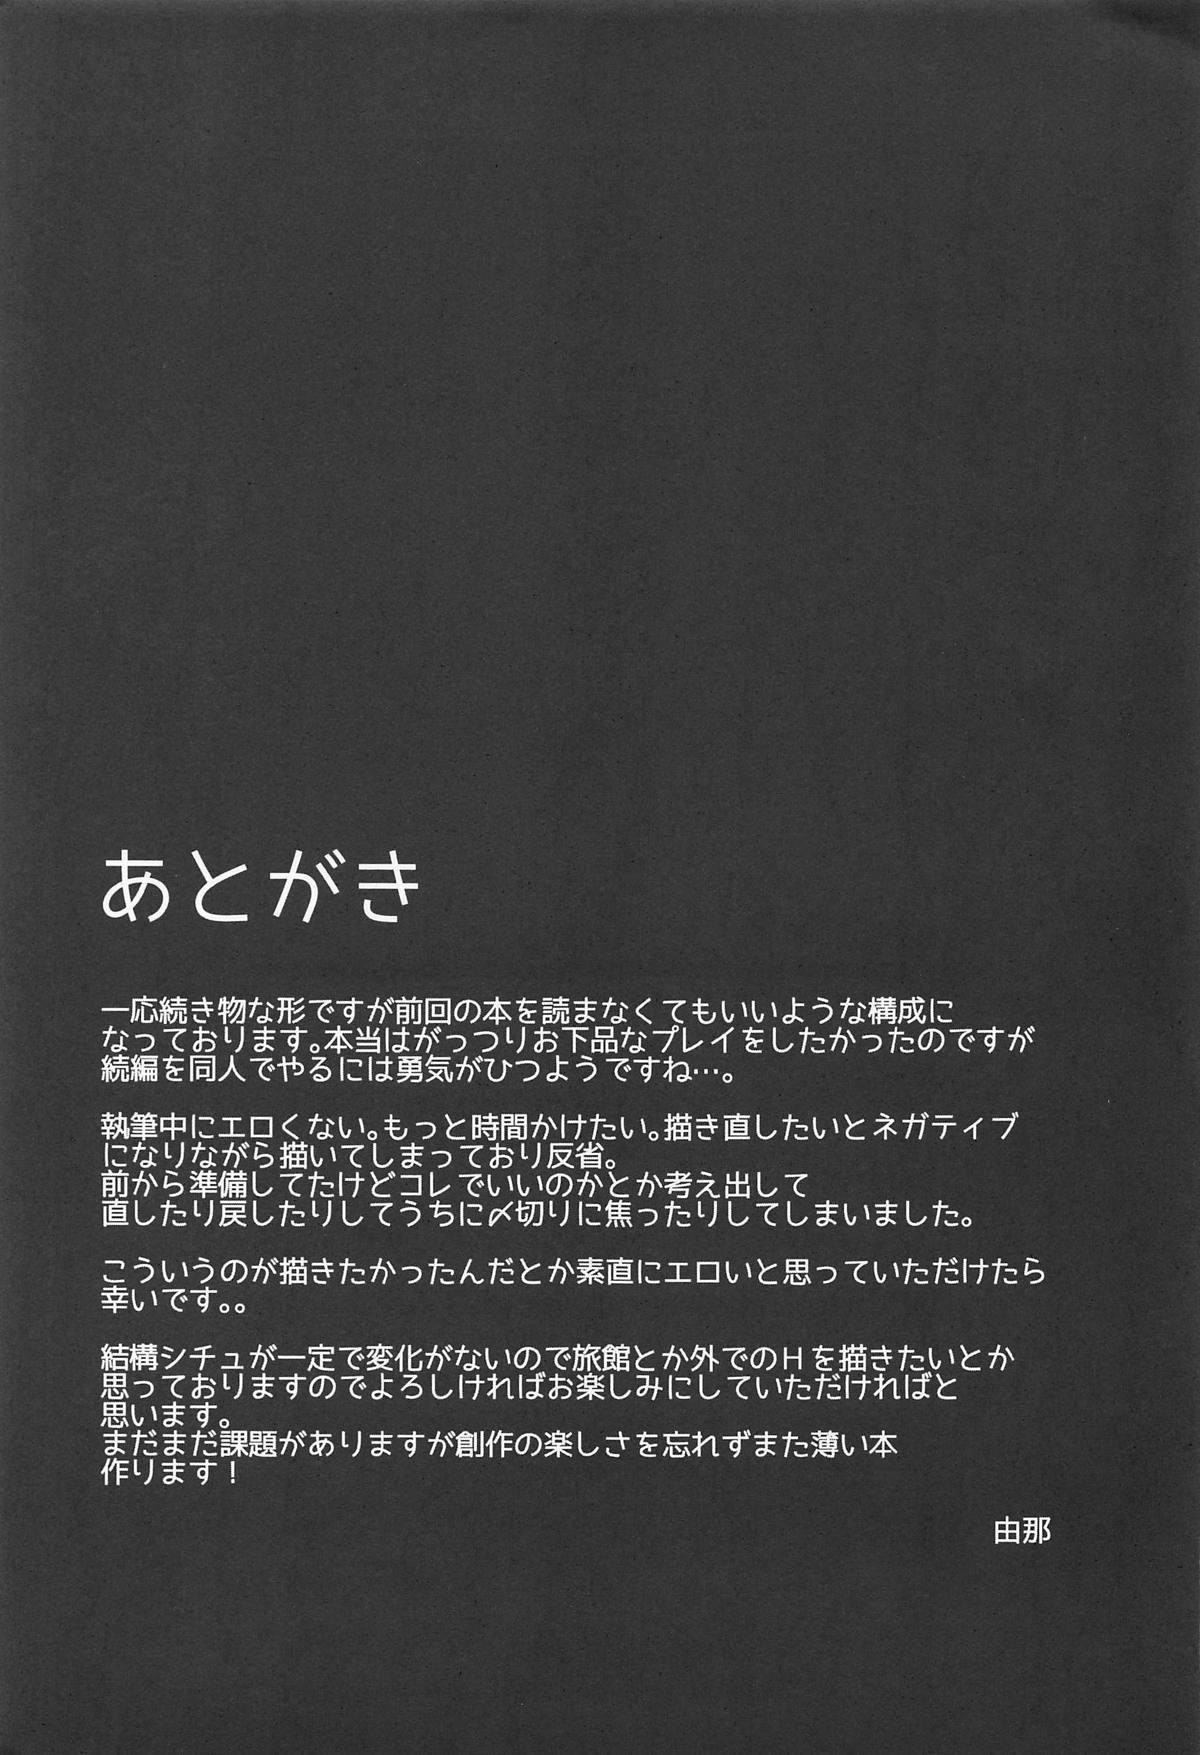 Hamakaze Kairaku ni Otsu 23